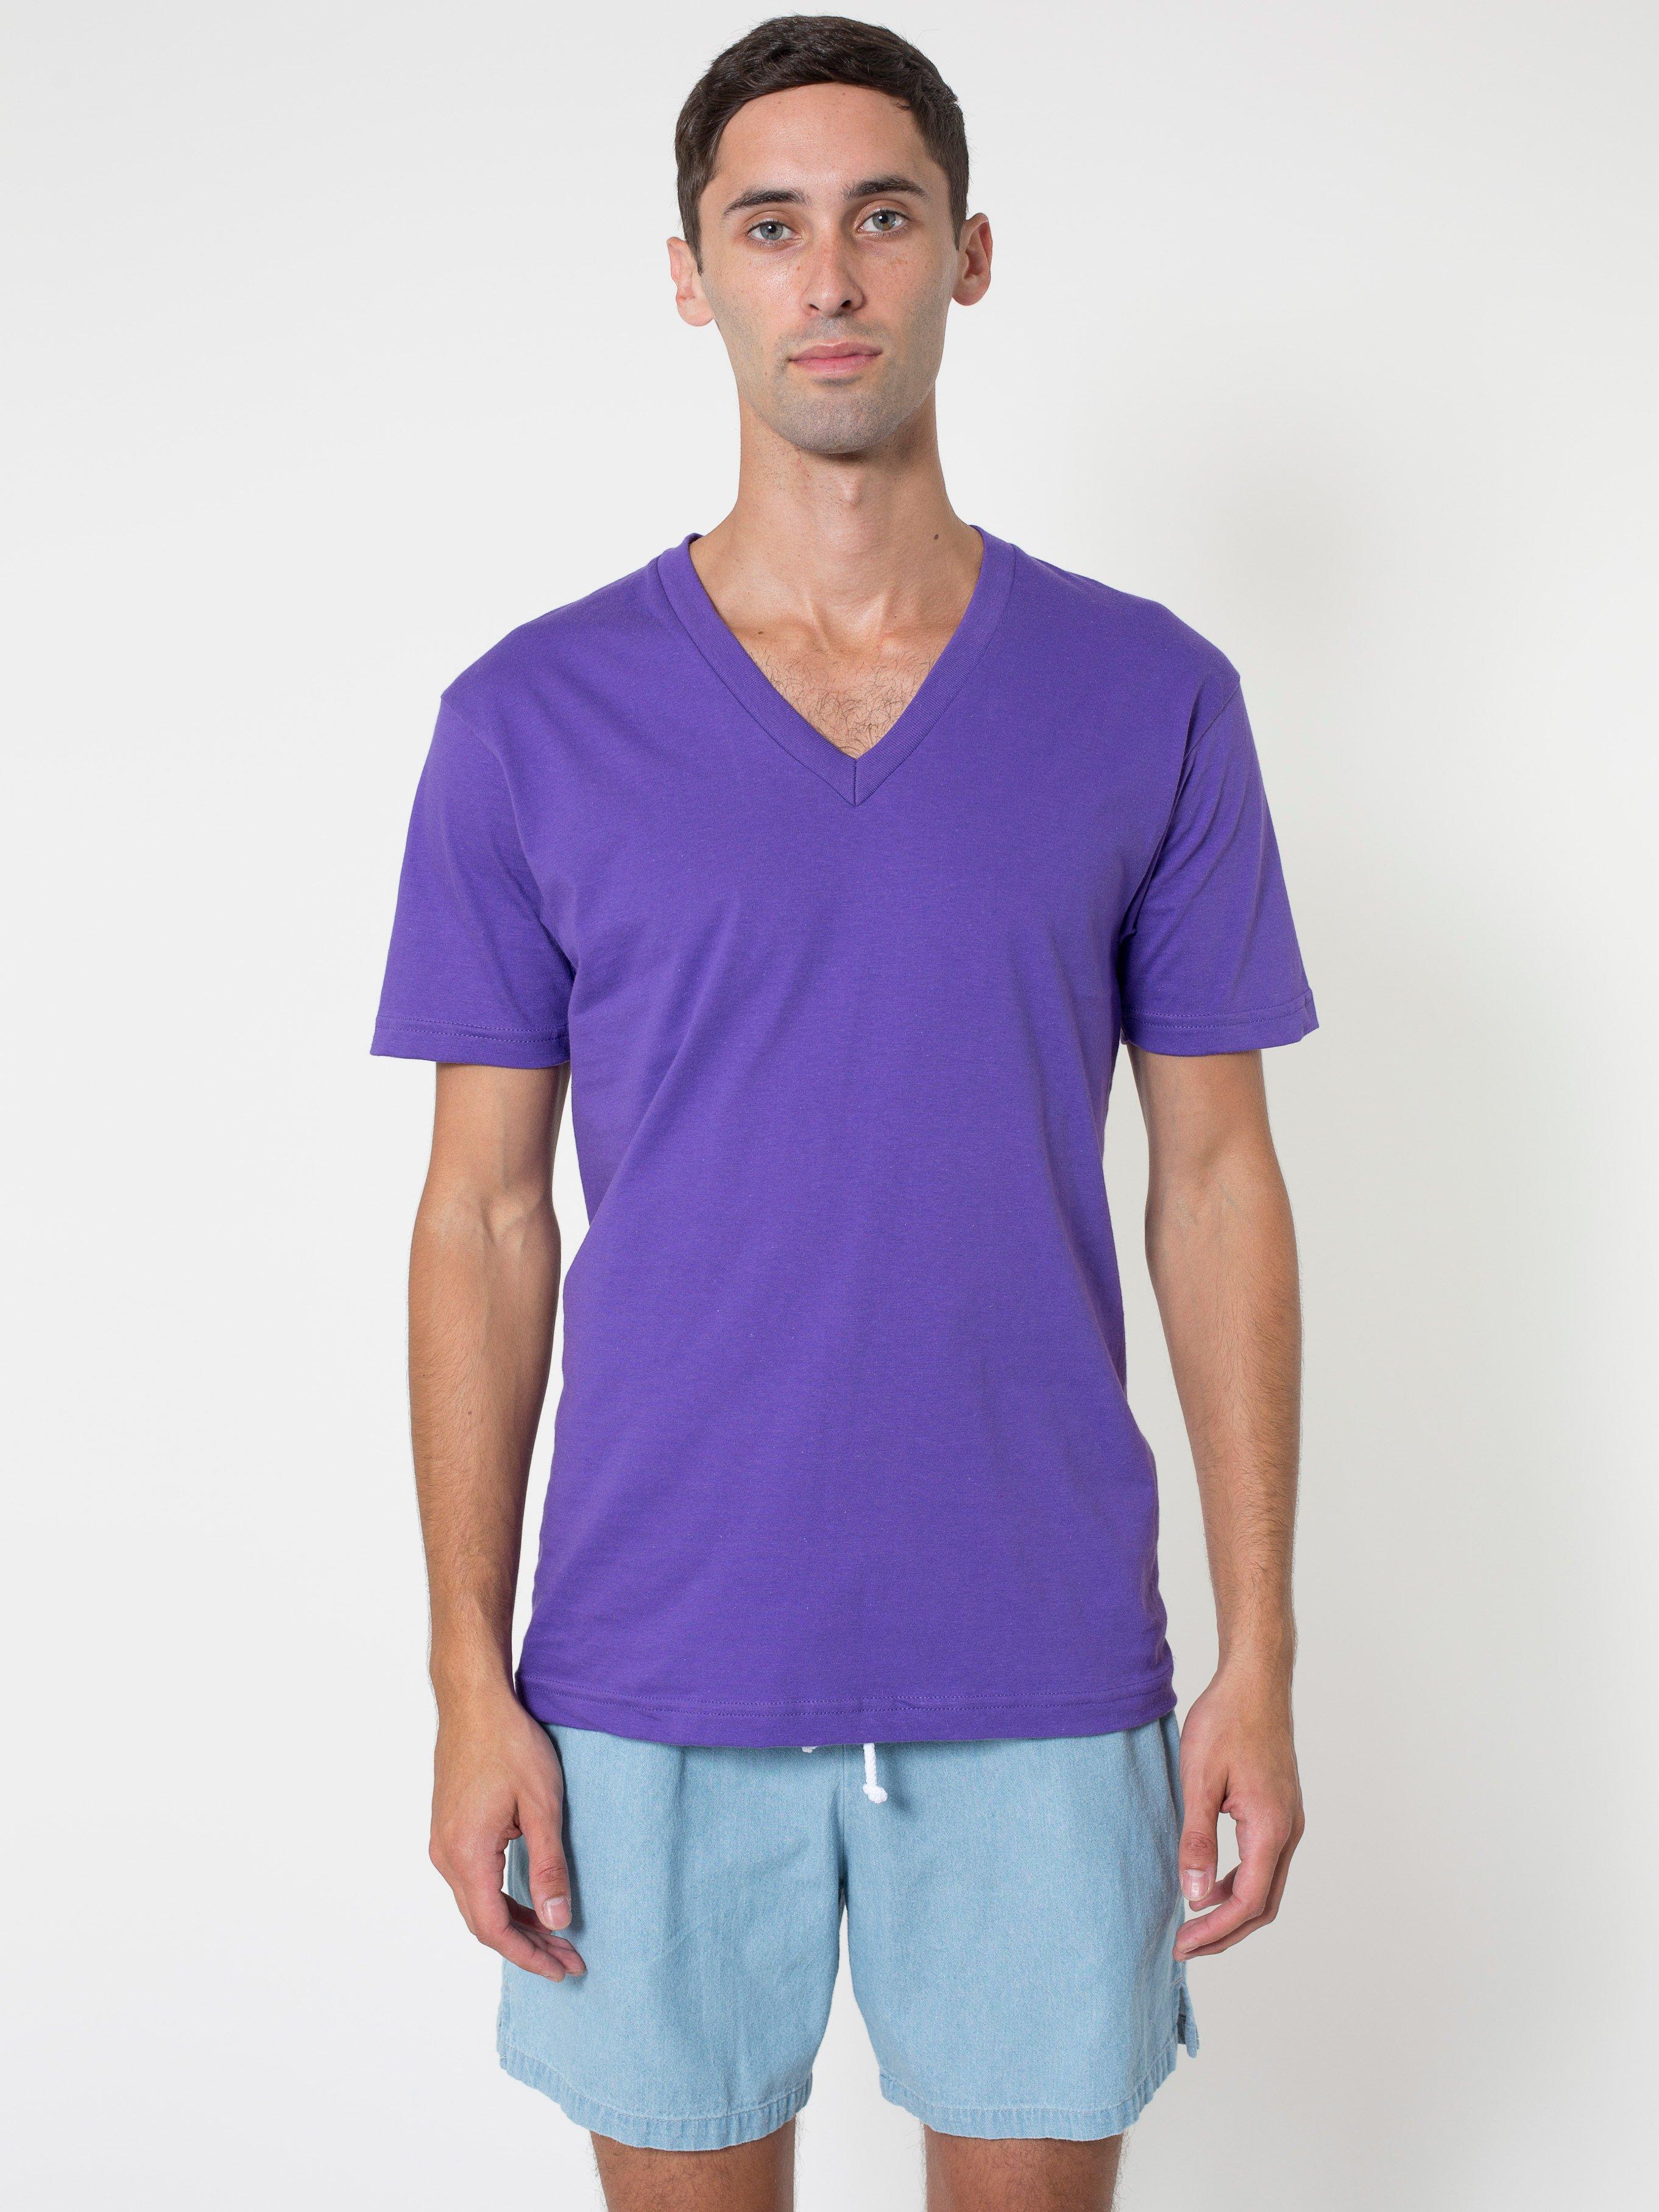 246c283f1d American Apparel Fine Jersey Short Sleeve V-neck - Evan Webster INK